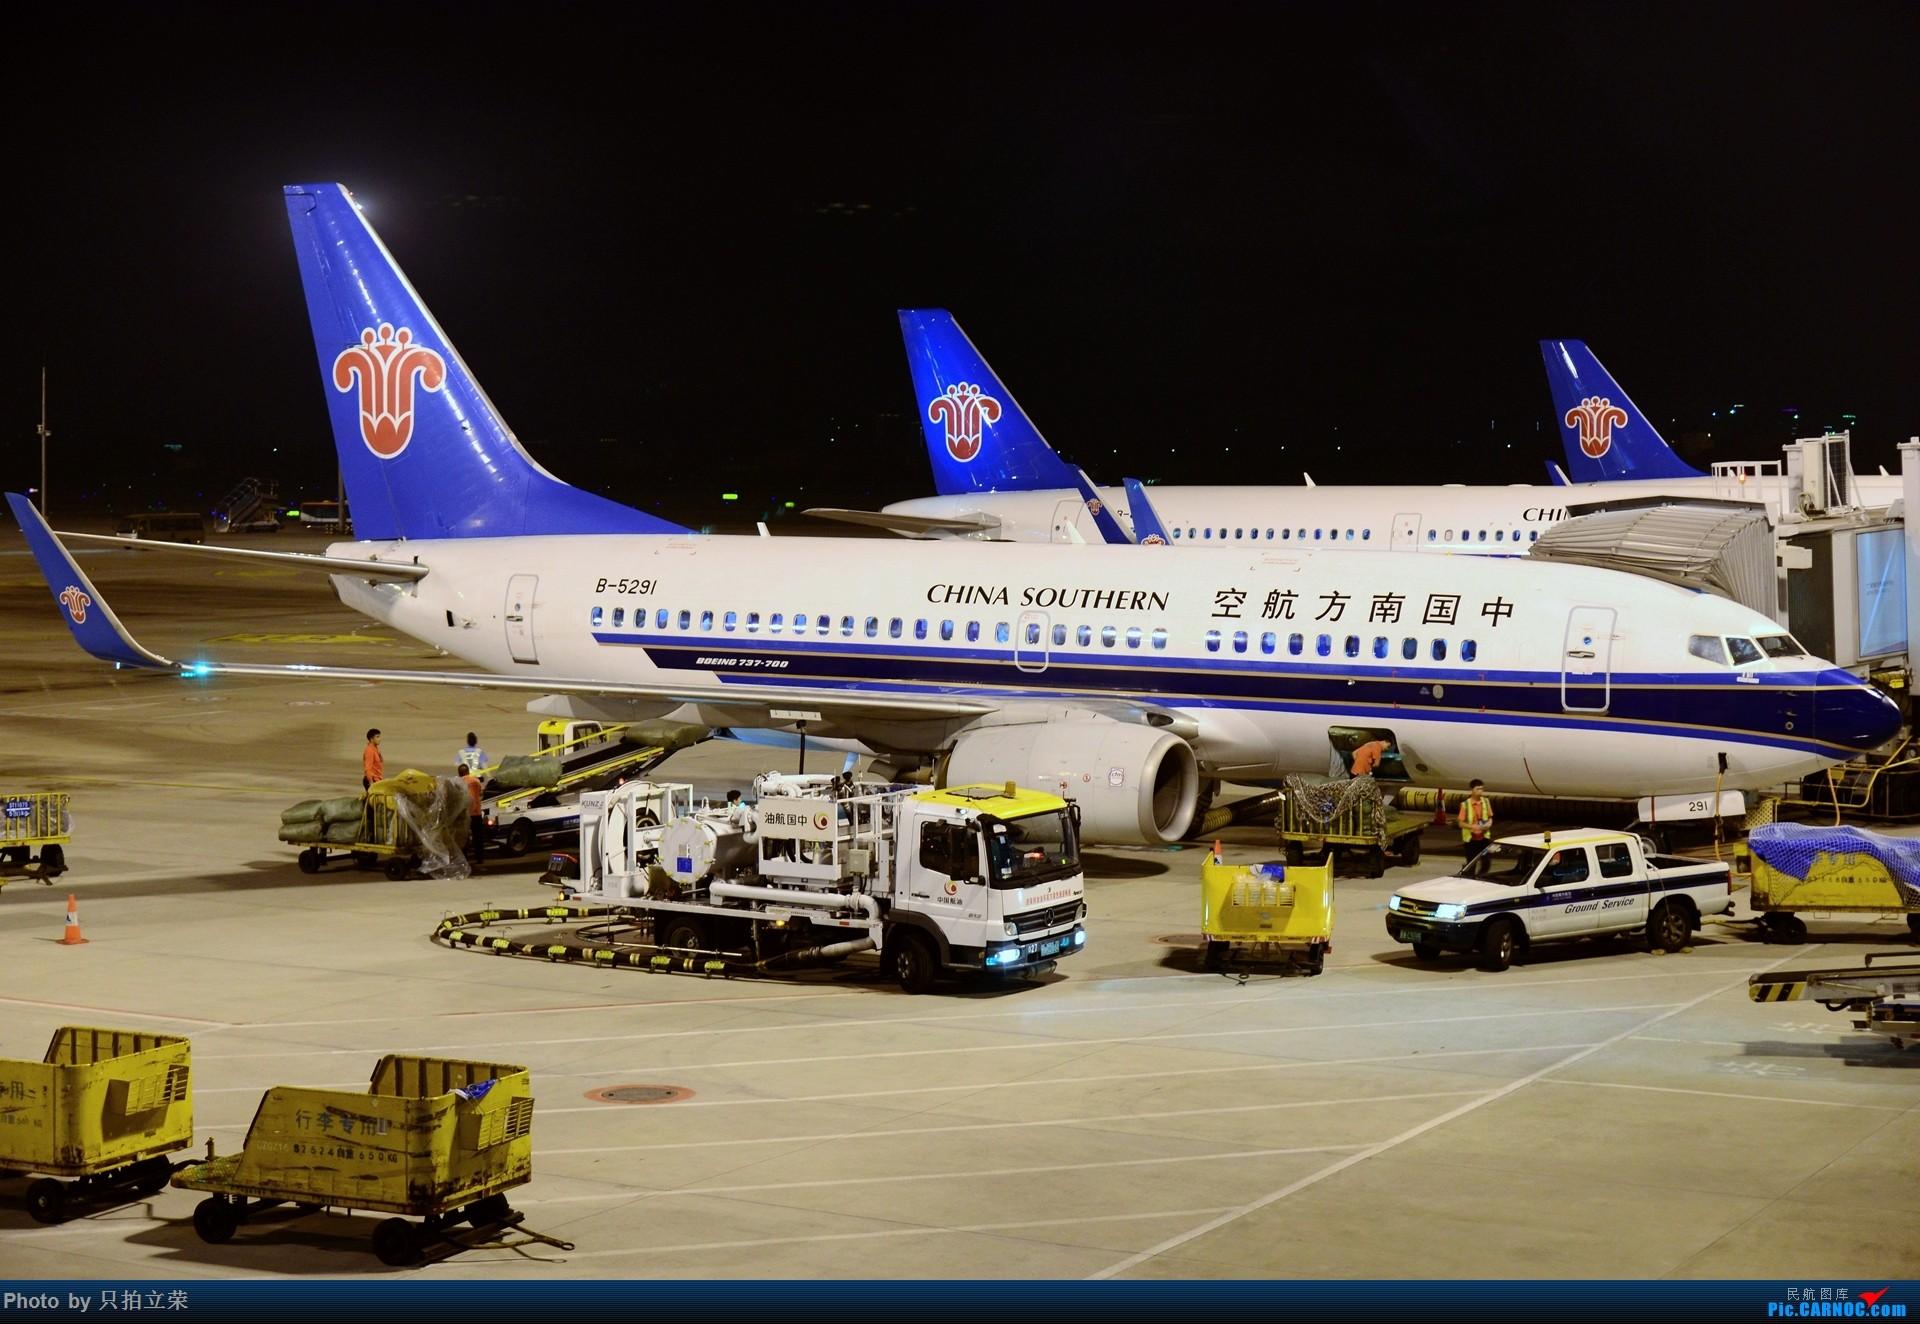 Re:[原创]湖南飞友会:只拍立荣回归。马来之旅航站楼杂图一堆。 BOEING 737-700 B-5291 中国广州白云国际机场